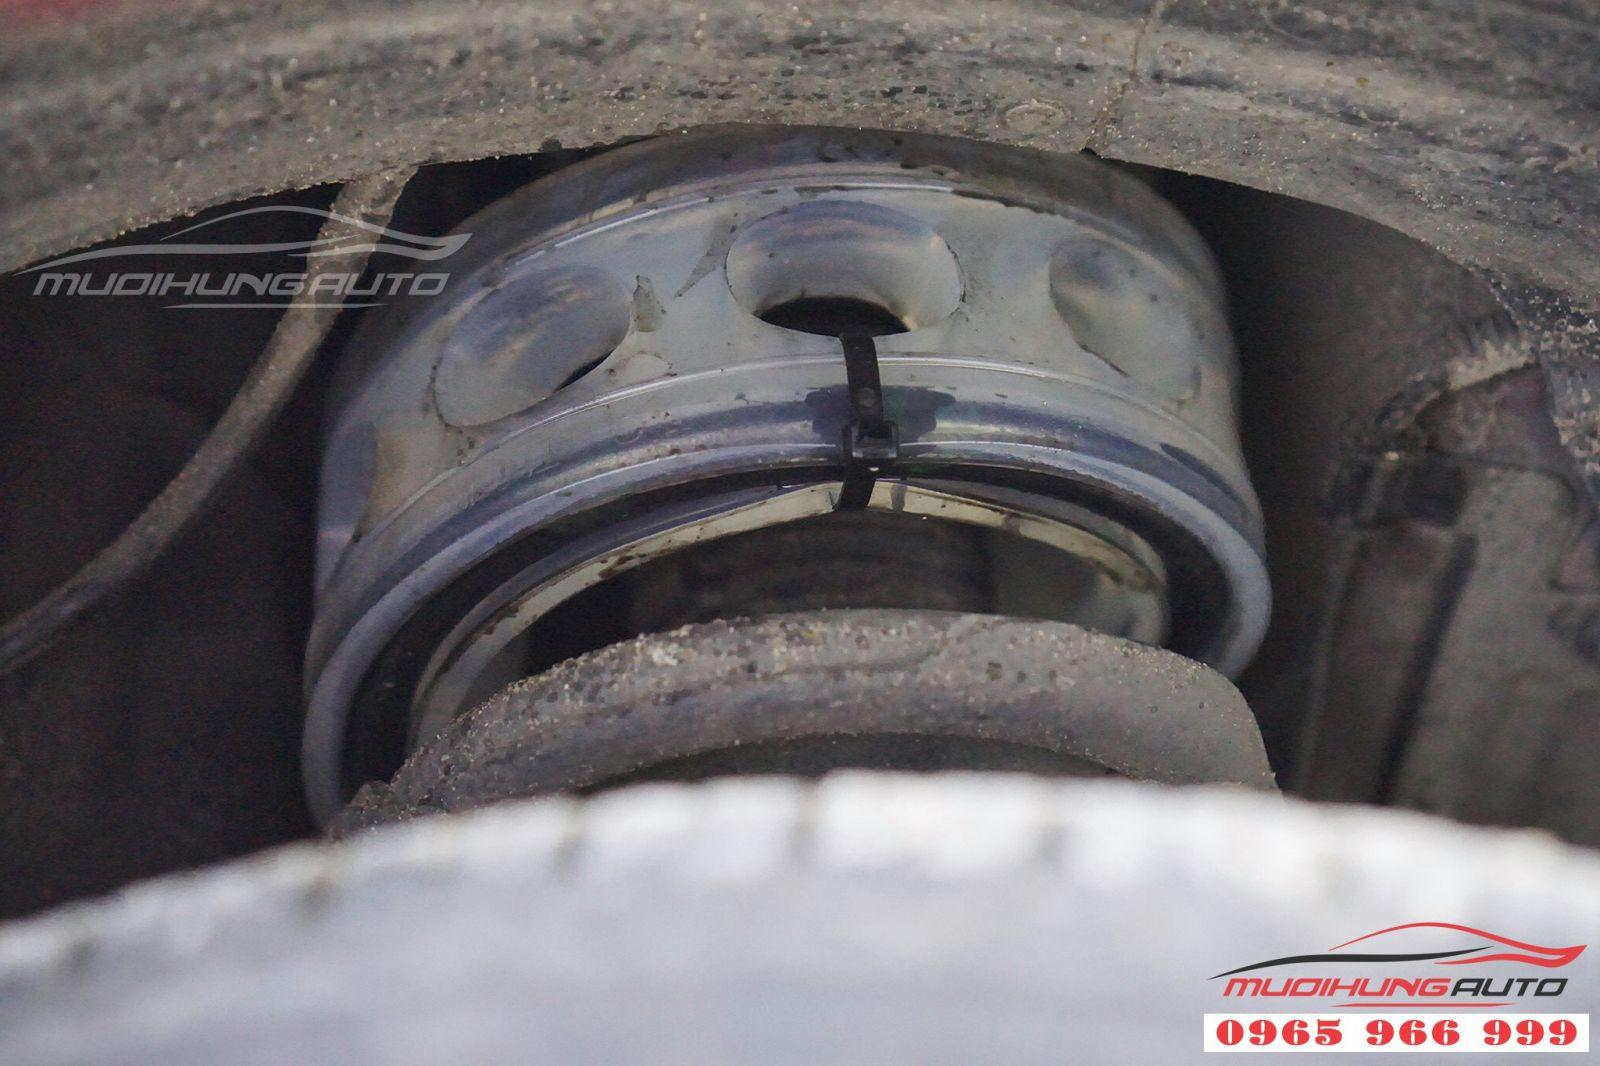 Đệm giảm chấn TTC cho Hyundai Grand i20 giá tốt 05